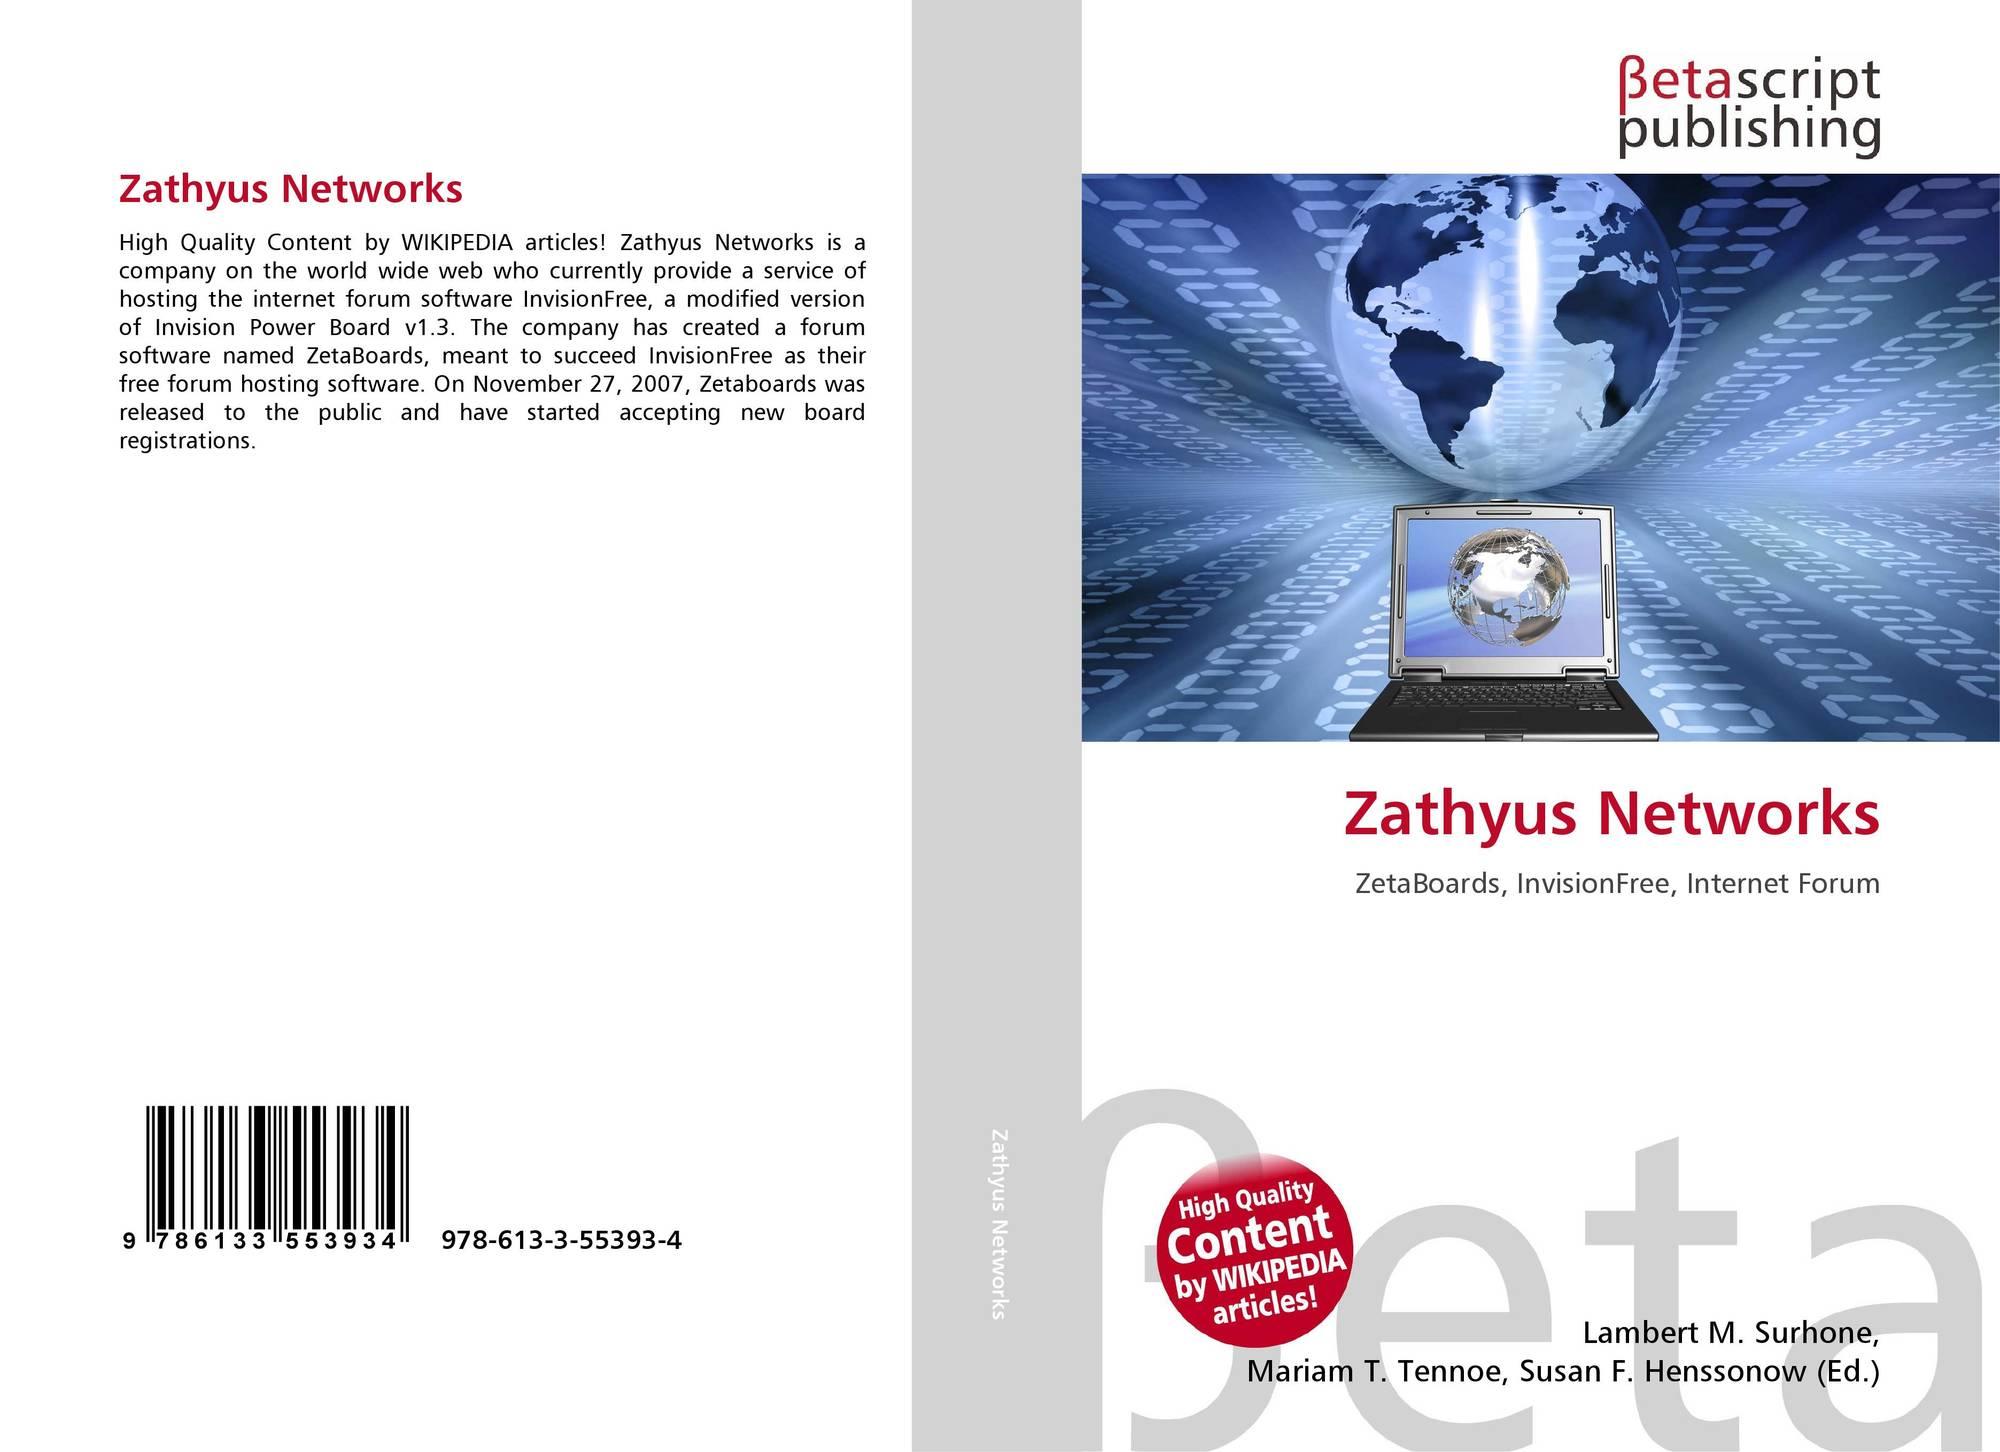 Zathyus Networks, 978-613-3-55393-4, 6133553936 ,9786133553934